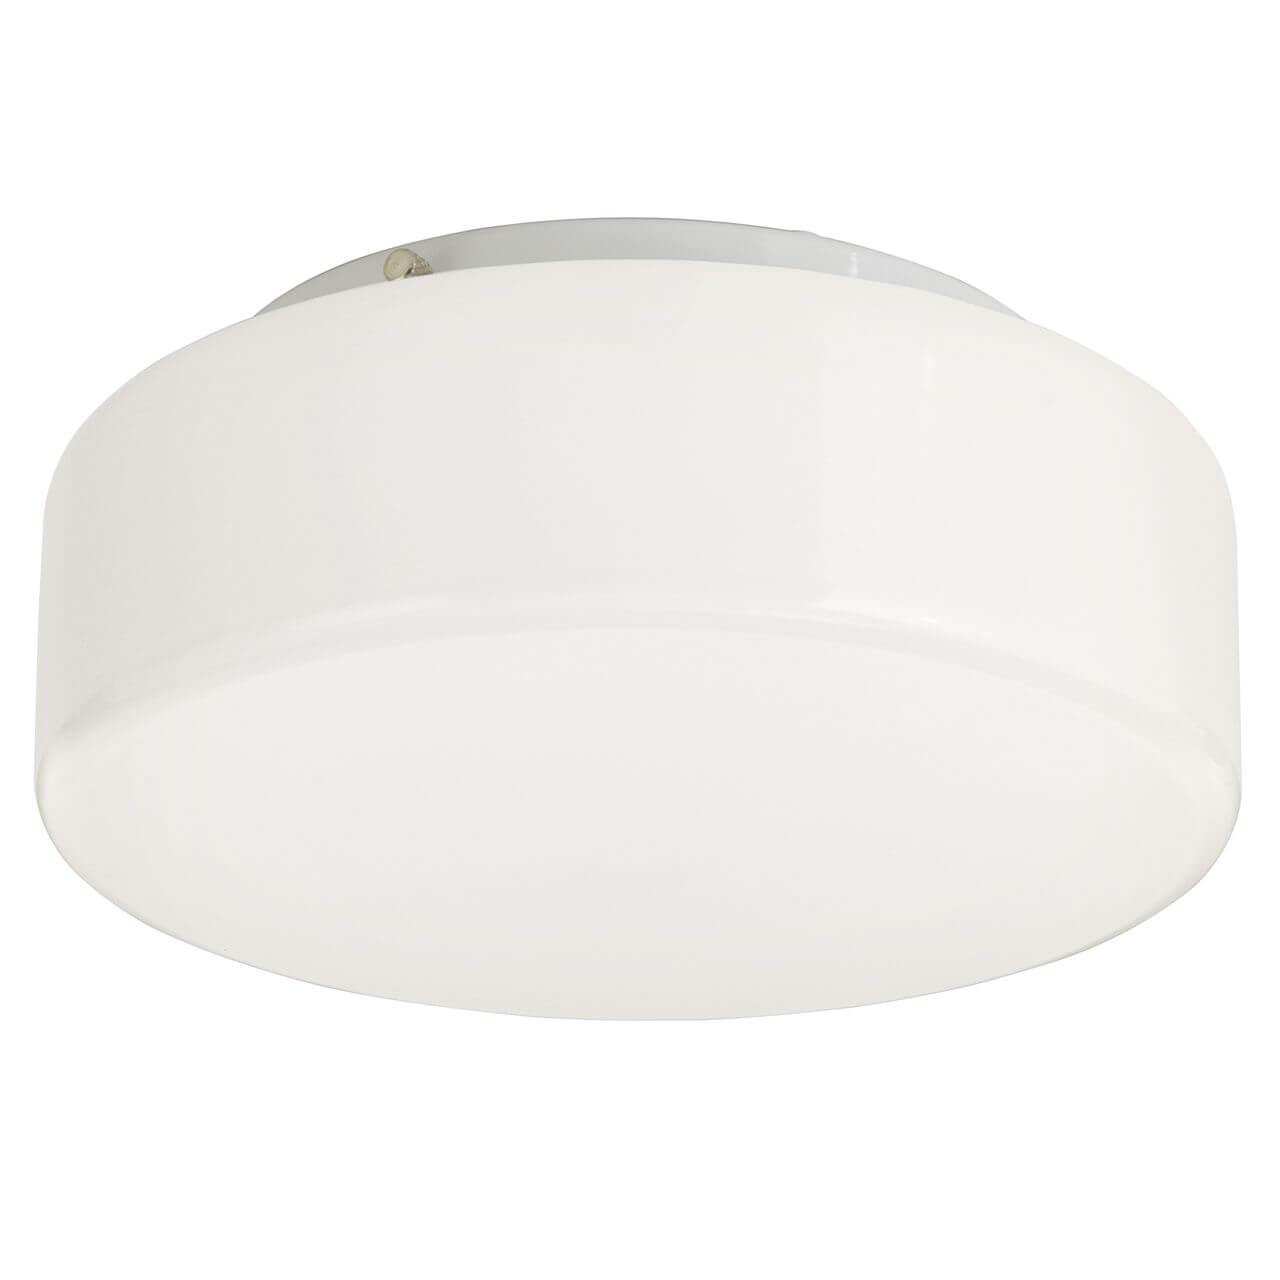 Настенно-потолочный светильник Eglo 27881, белый eglo 94615